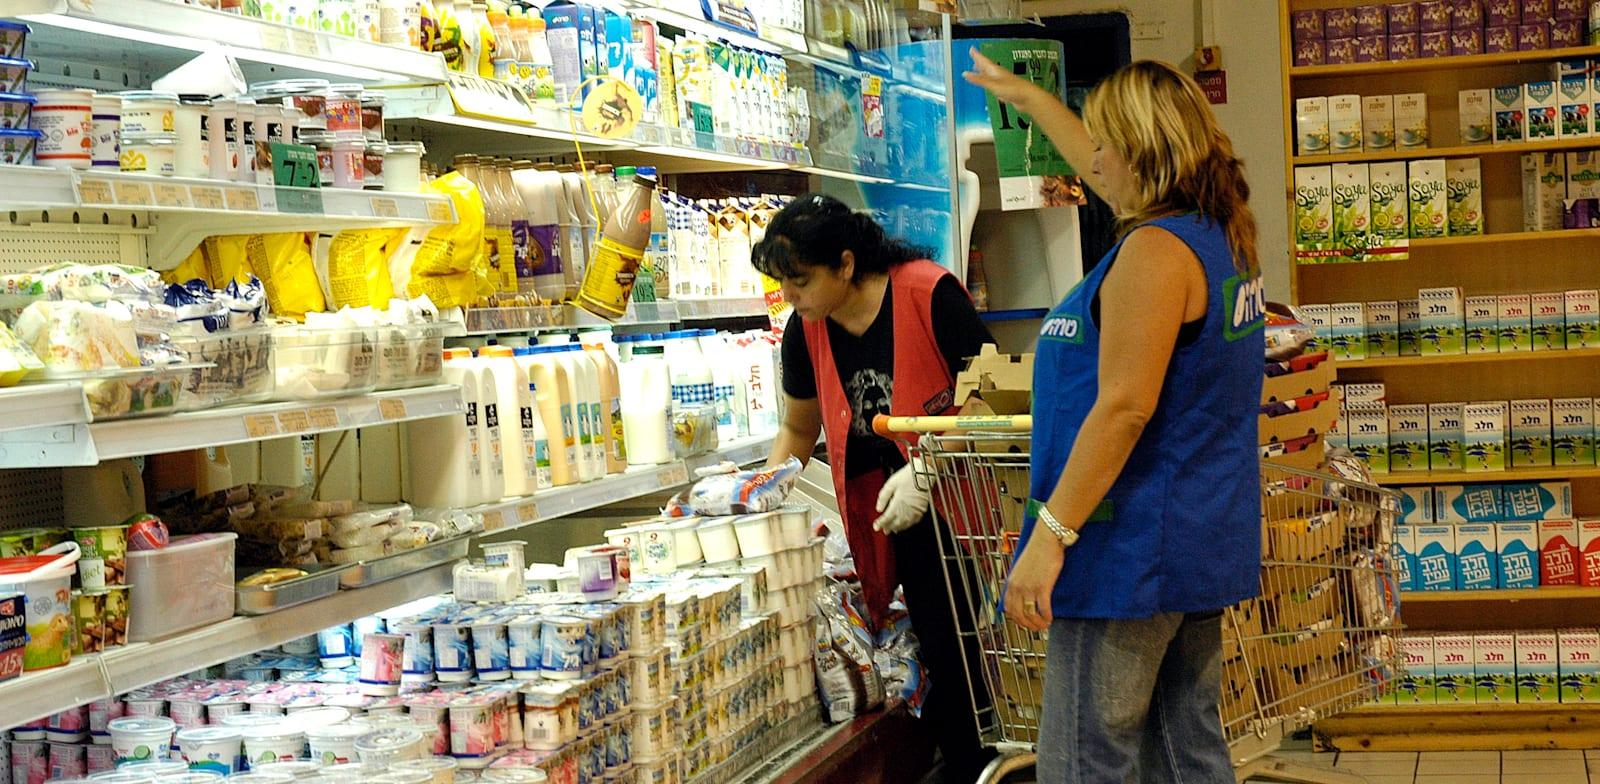 סדרניות מזון בסופרמרקט / צילום: תמר מצפי